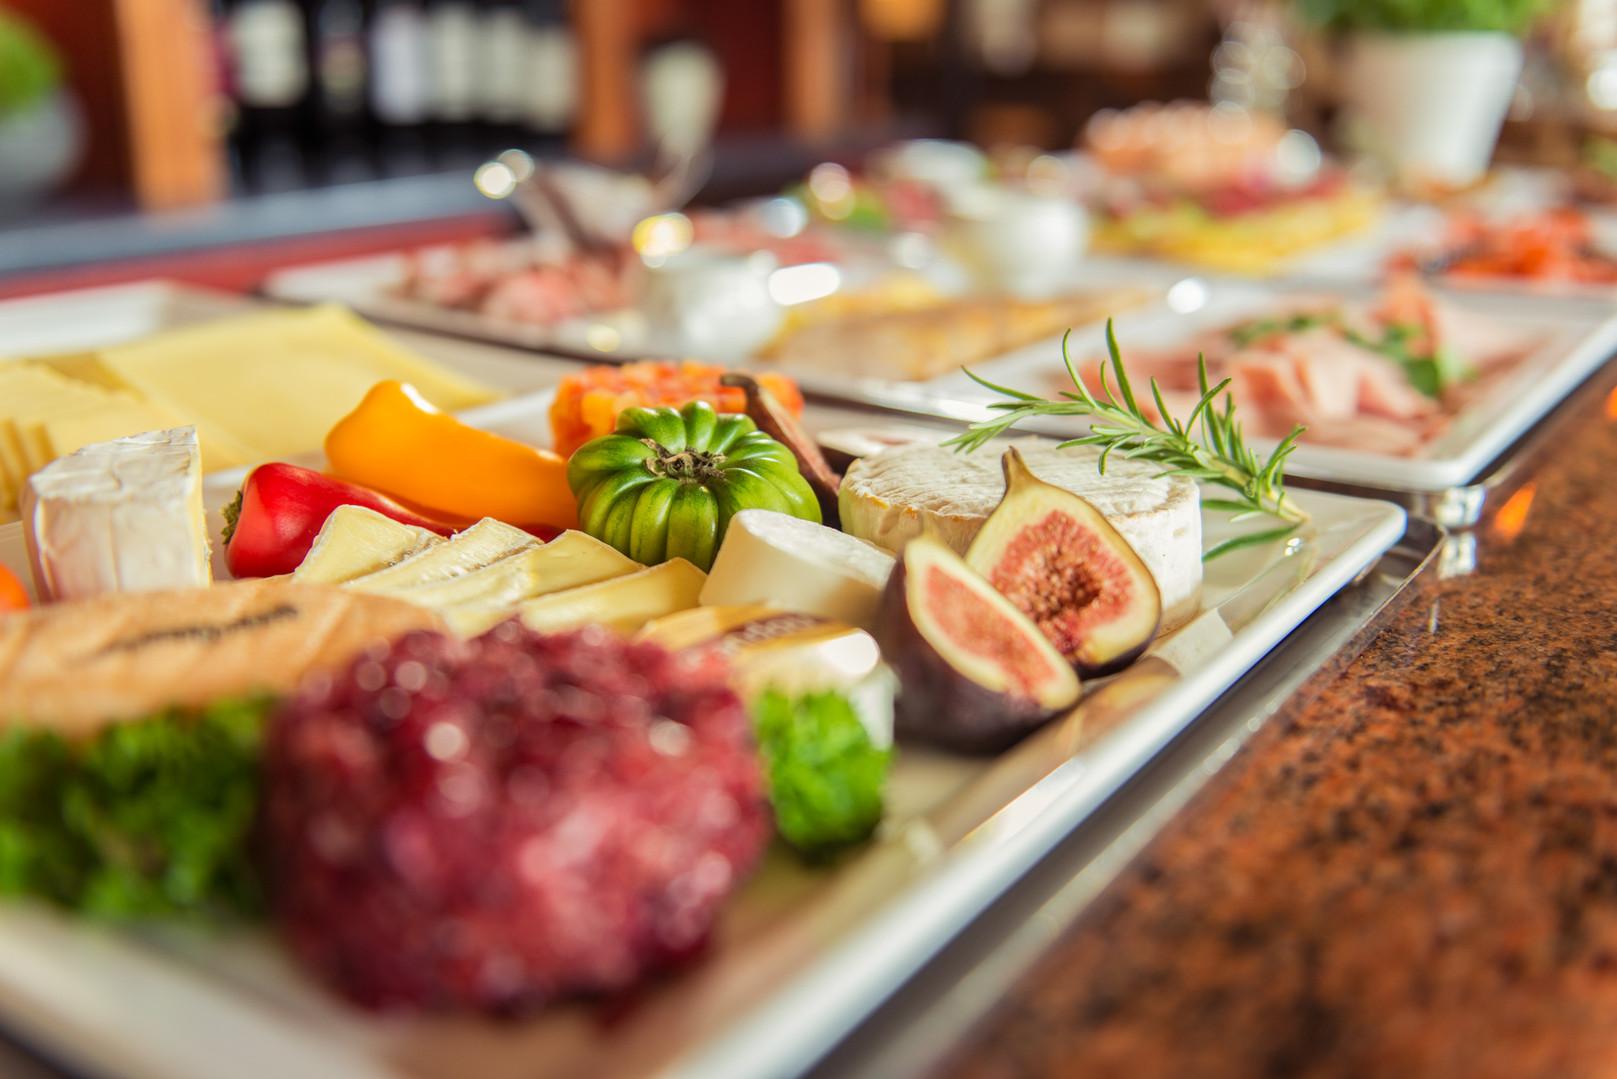 Käseplatten im Hotel Wegner - the culinary art hotel